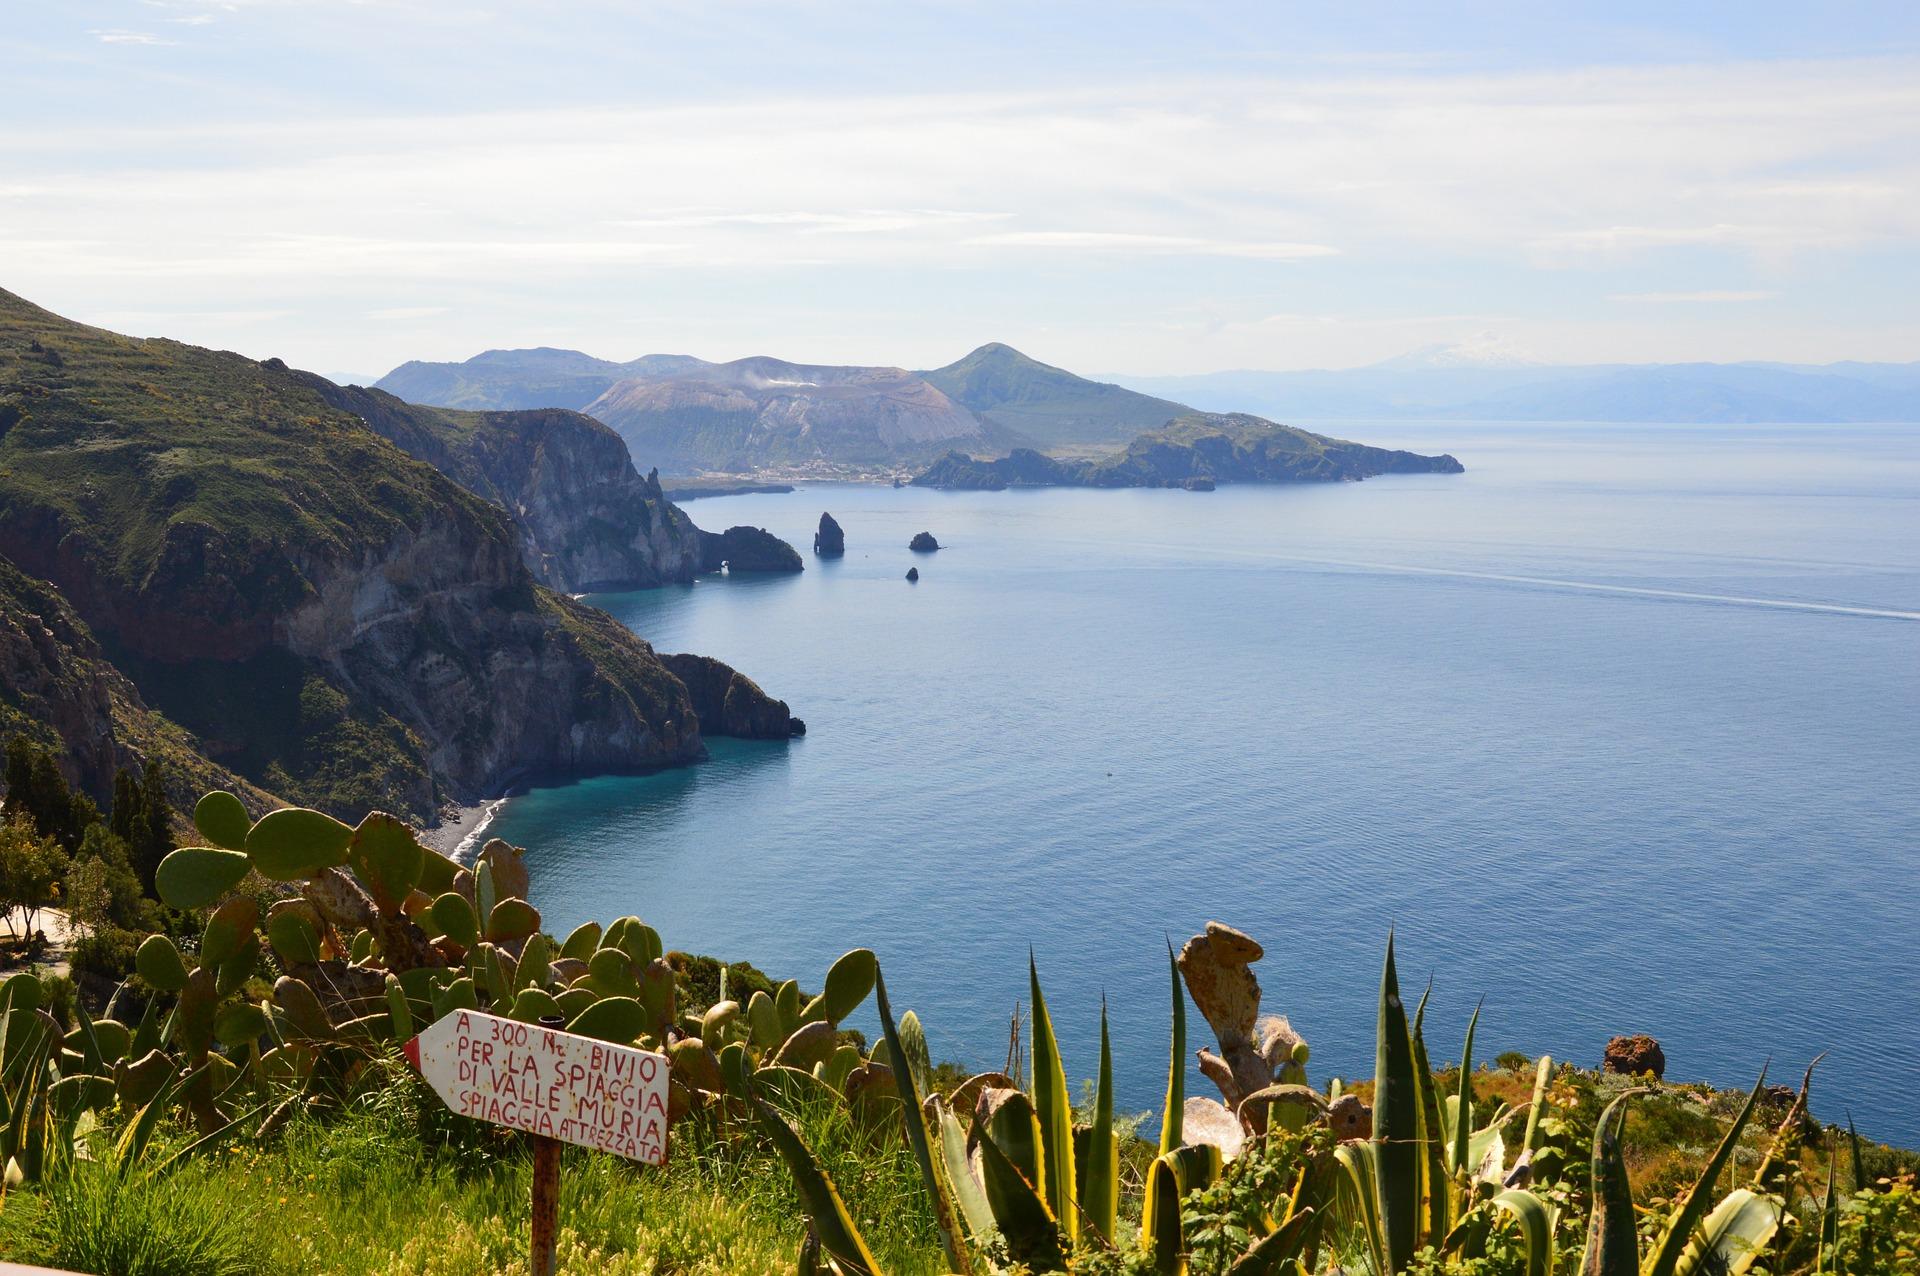 Rundreise Liparische Inseln: Empfehlungen & Vergleich (09/21)